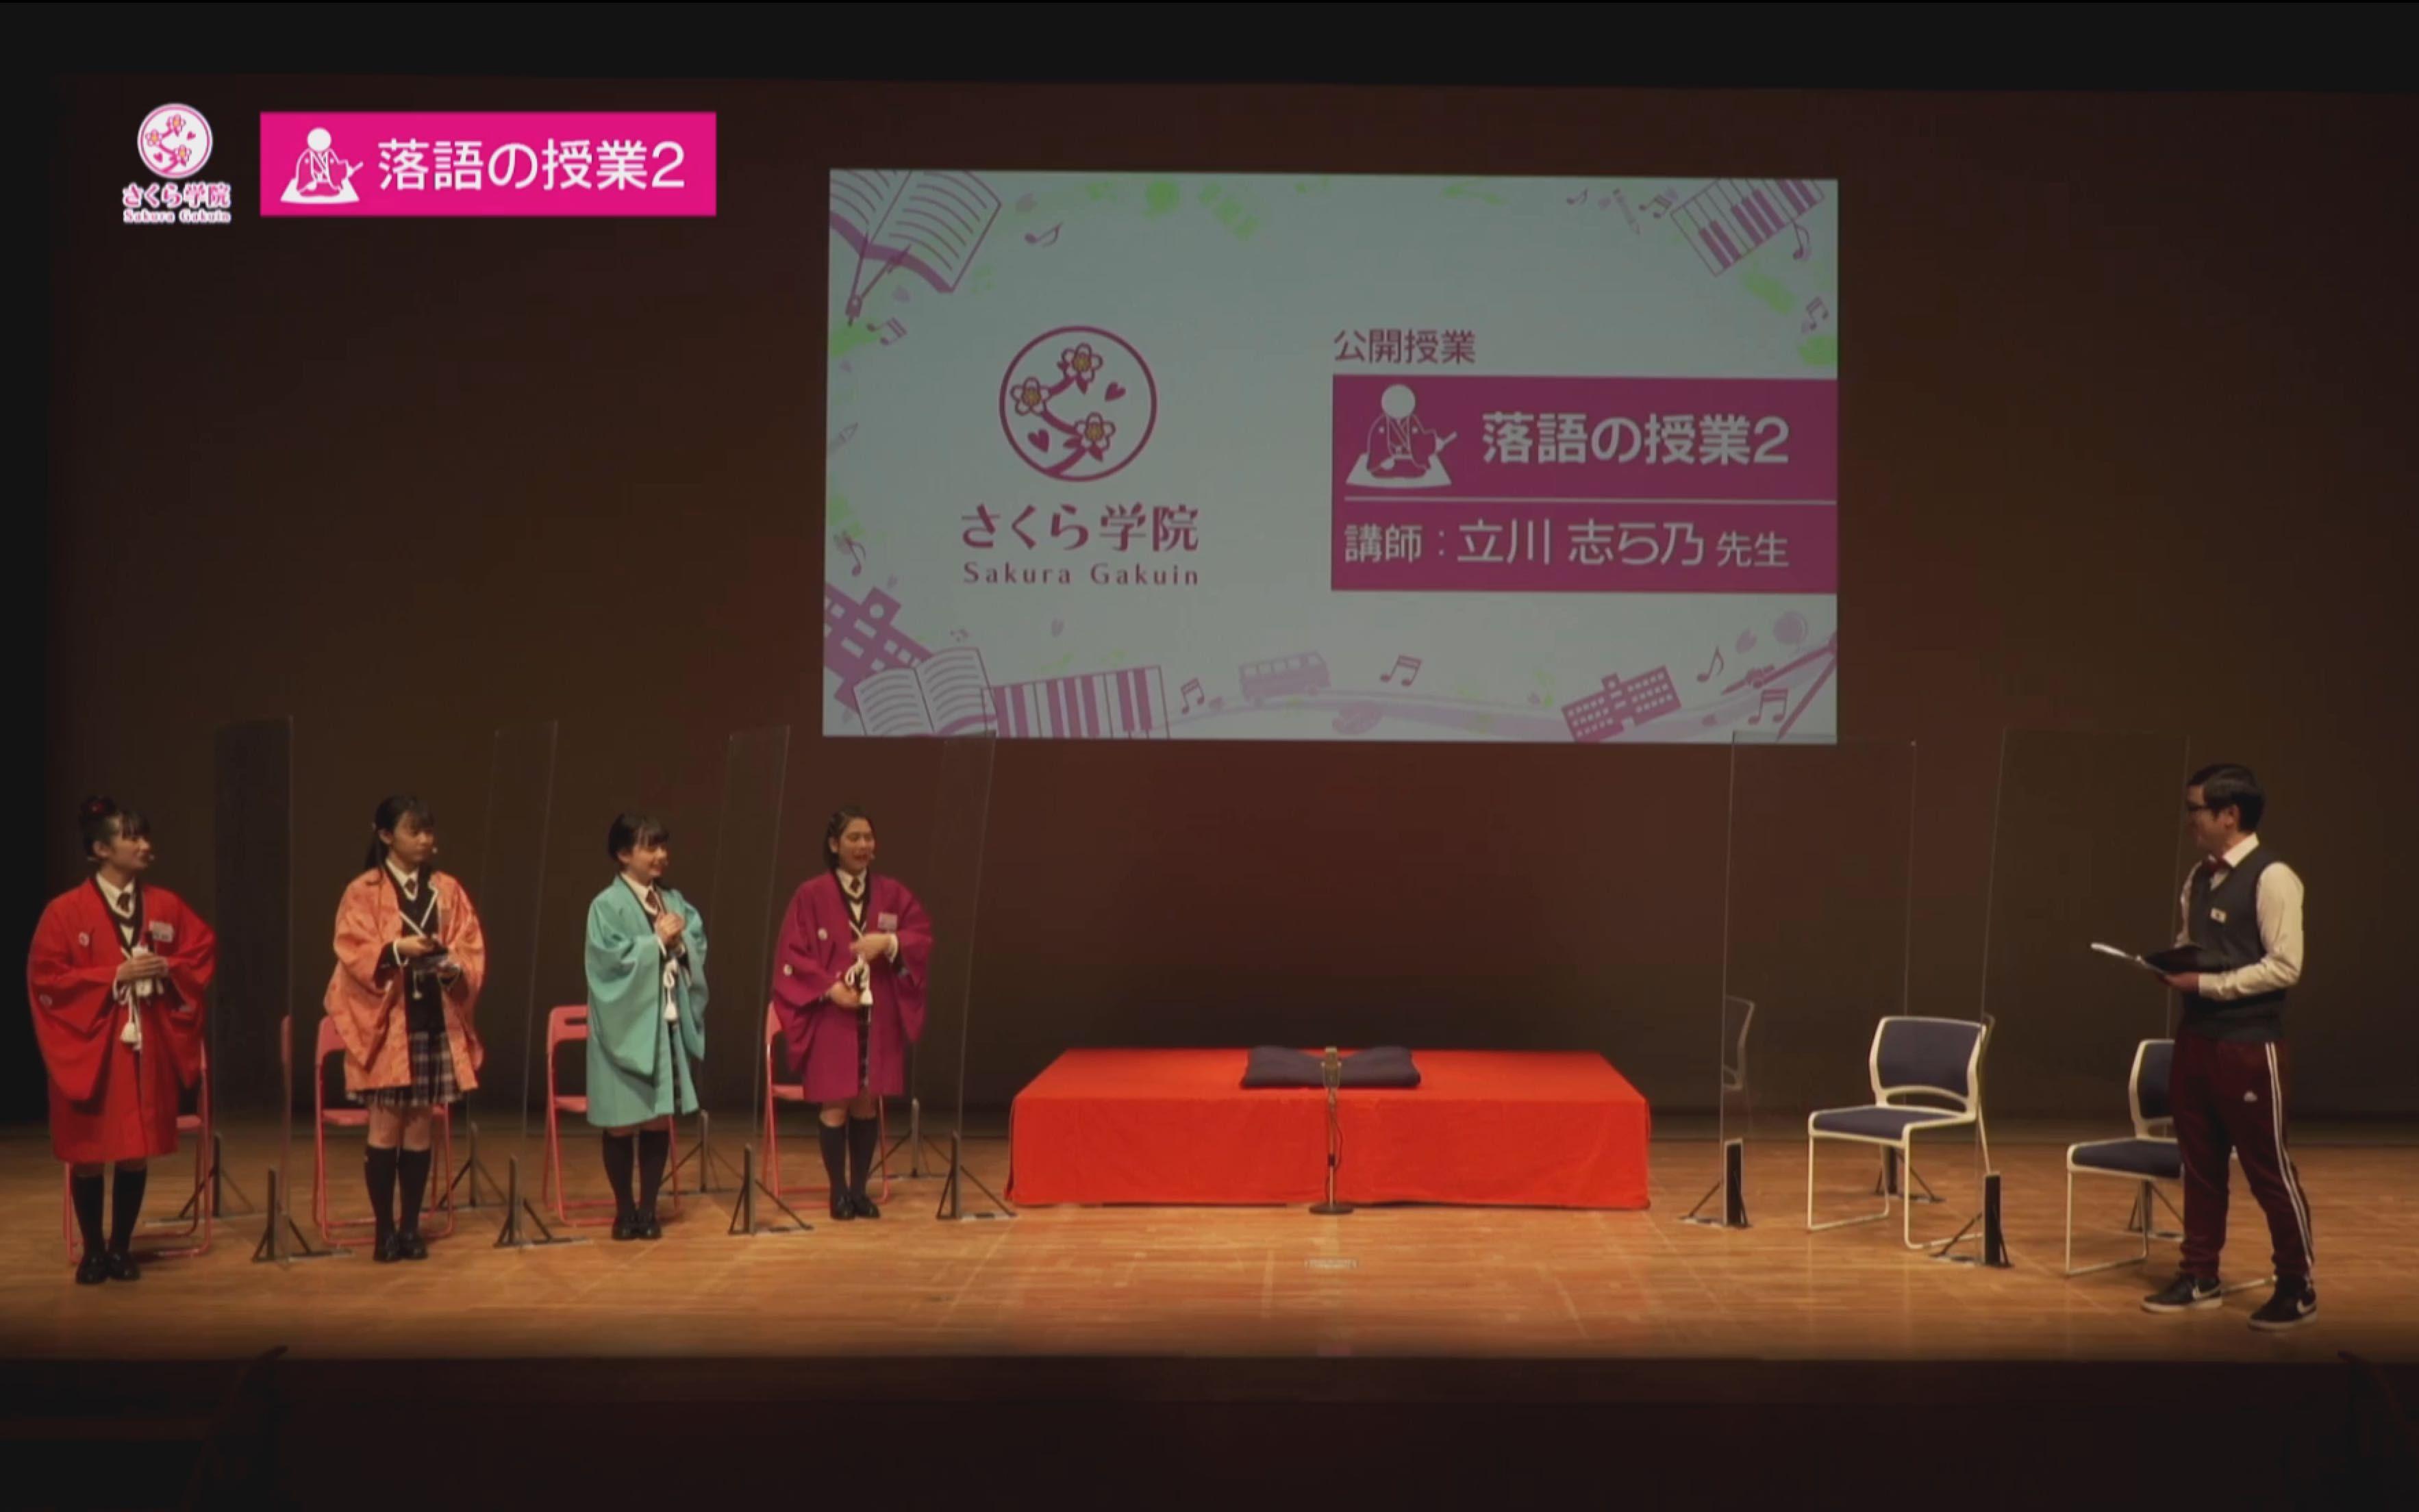 さくら学院 公開授業「落語の授業 2」3時限目 Rakugo3